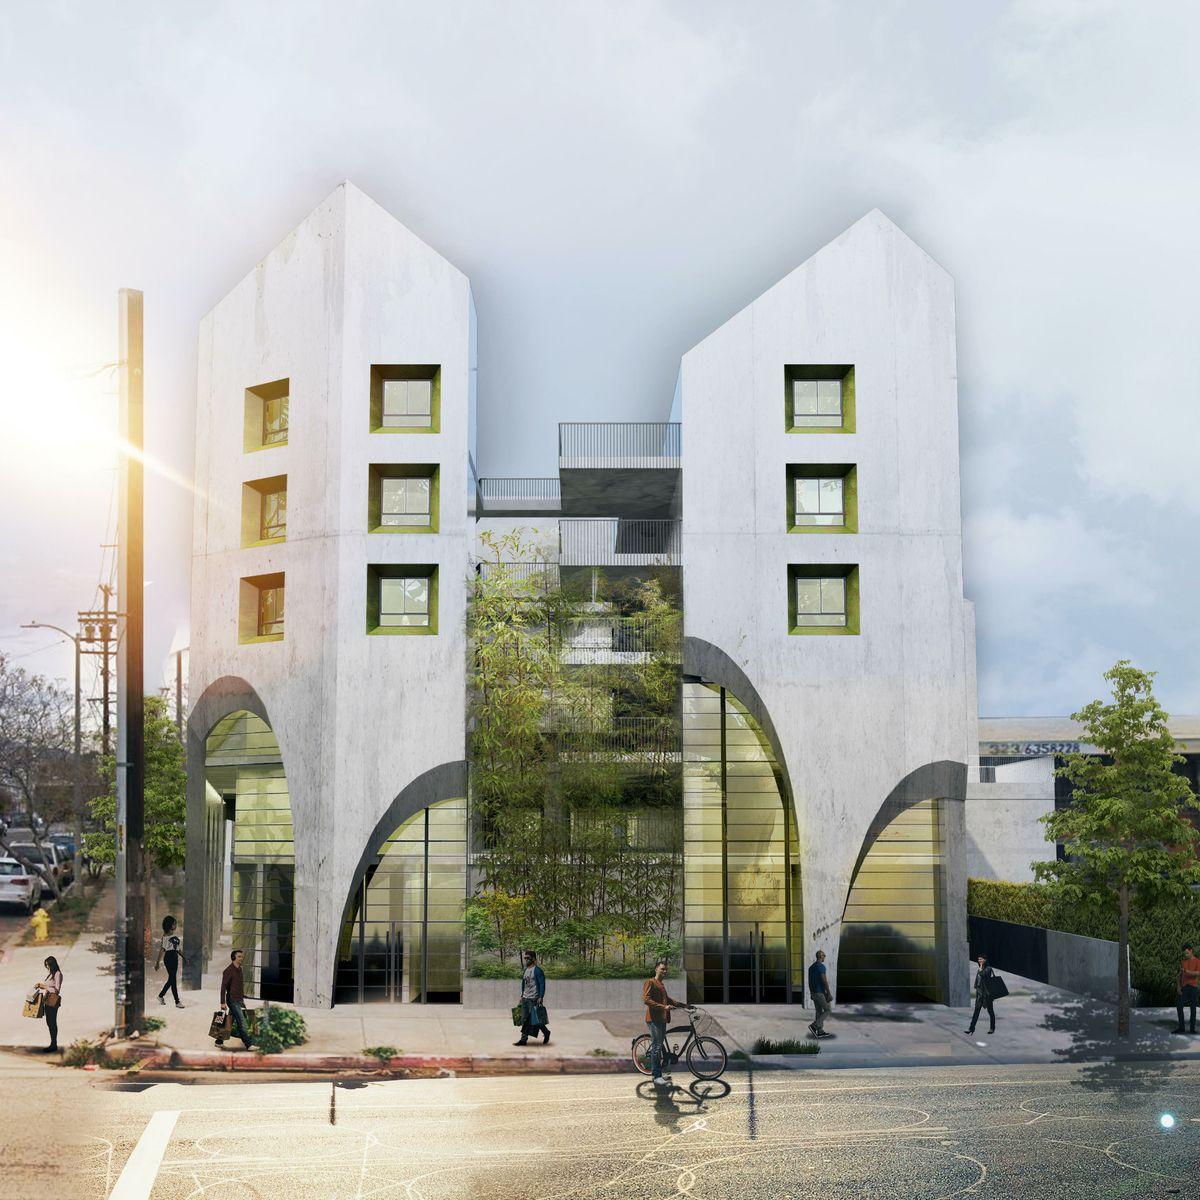 Renderings: Hotel, Residential, Retail Development In